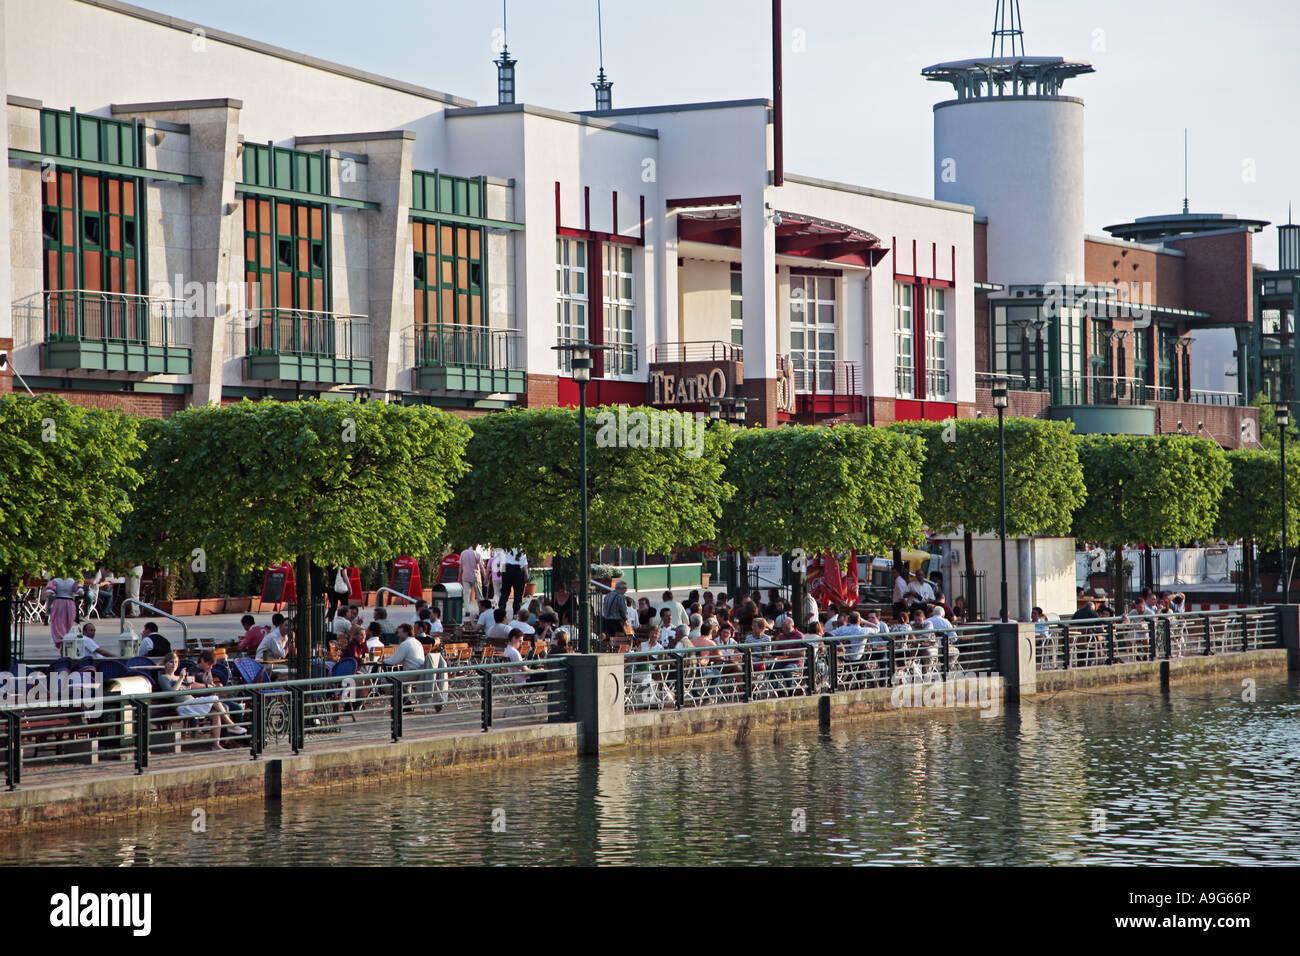 shopping center centro oberhausen stockfotos shopping center centro oberhausen bilder seite. Black Bedroom Furniture Sets. Home Design Ideas